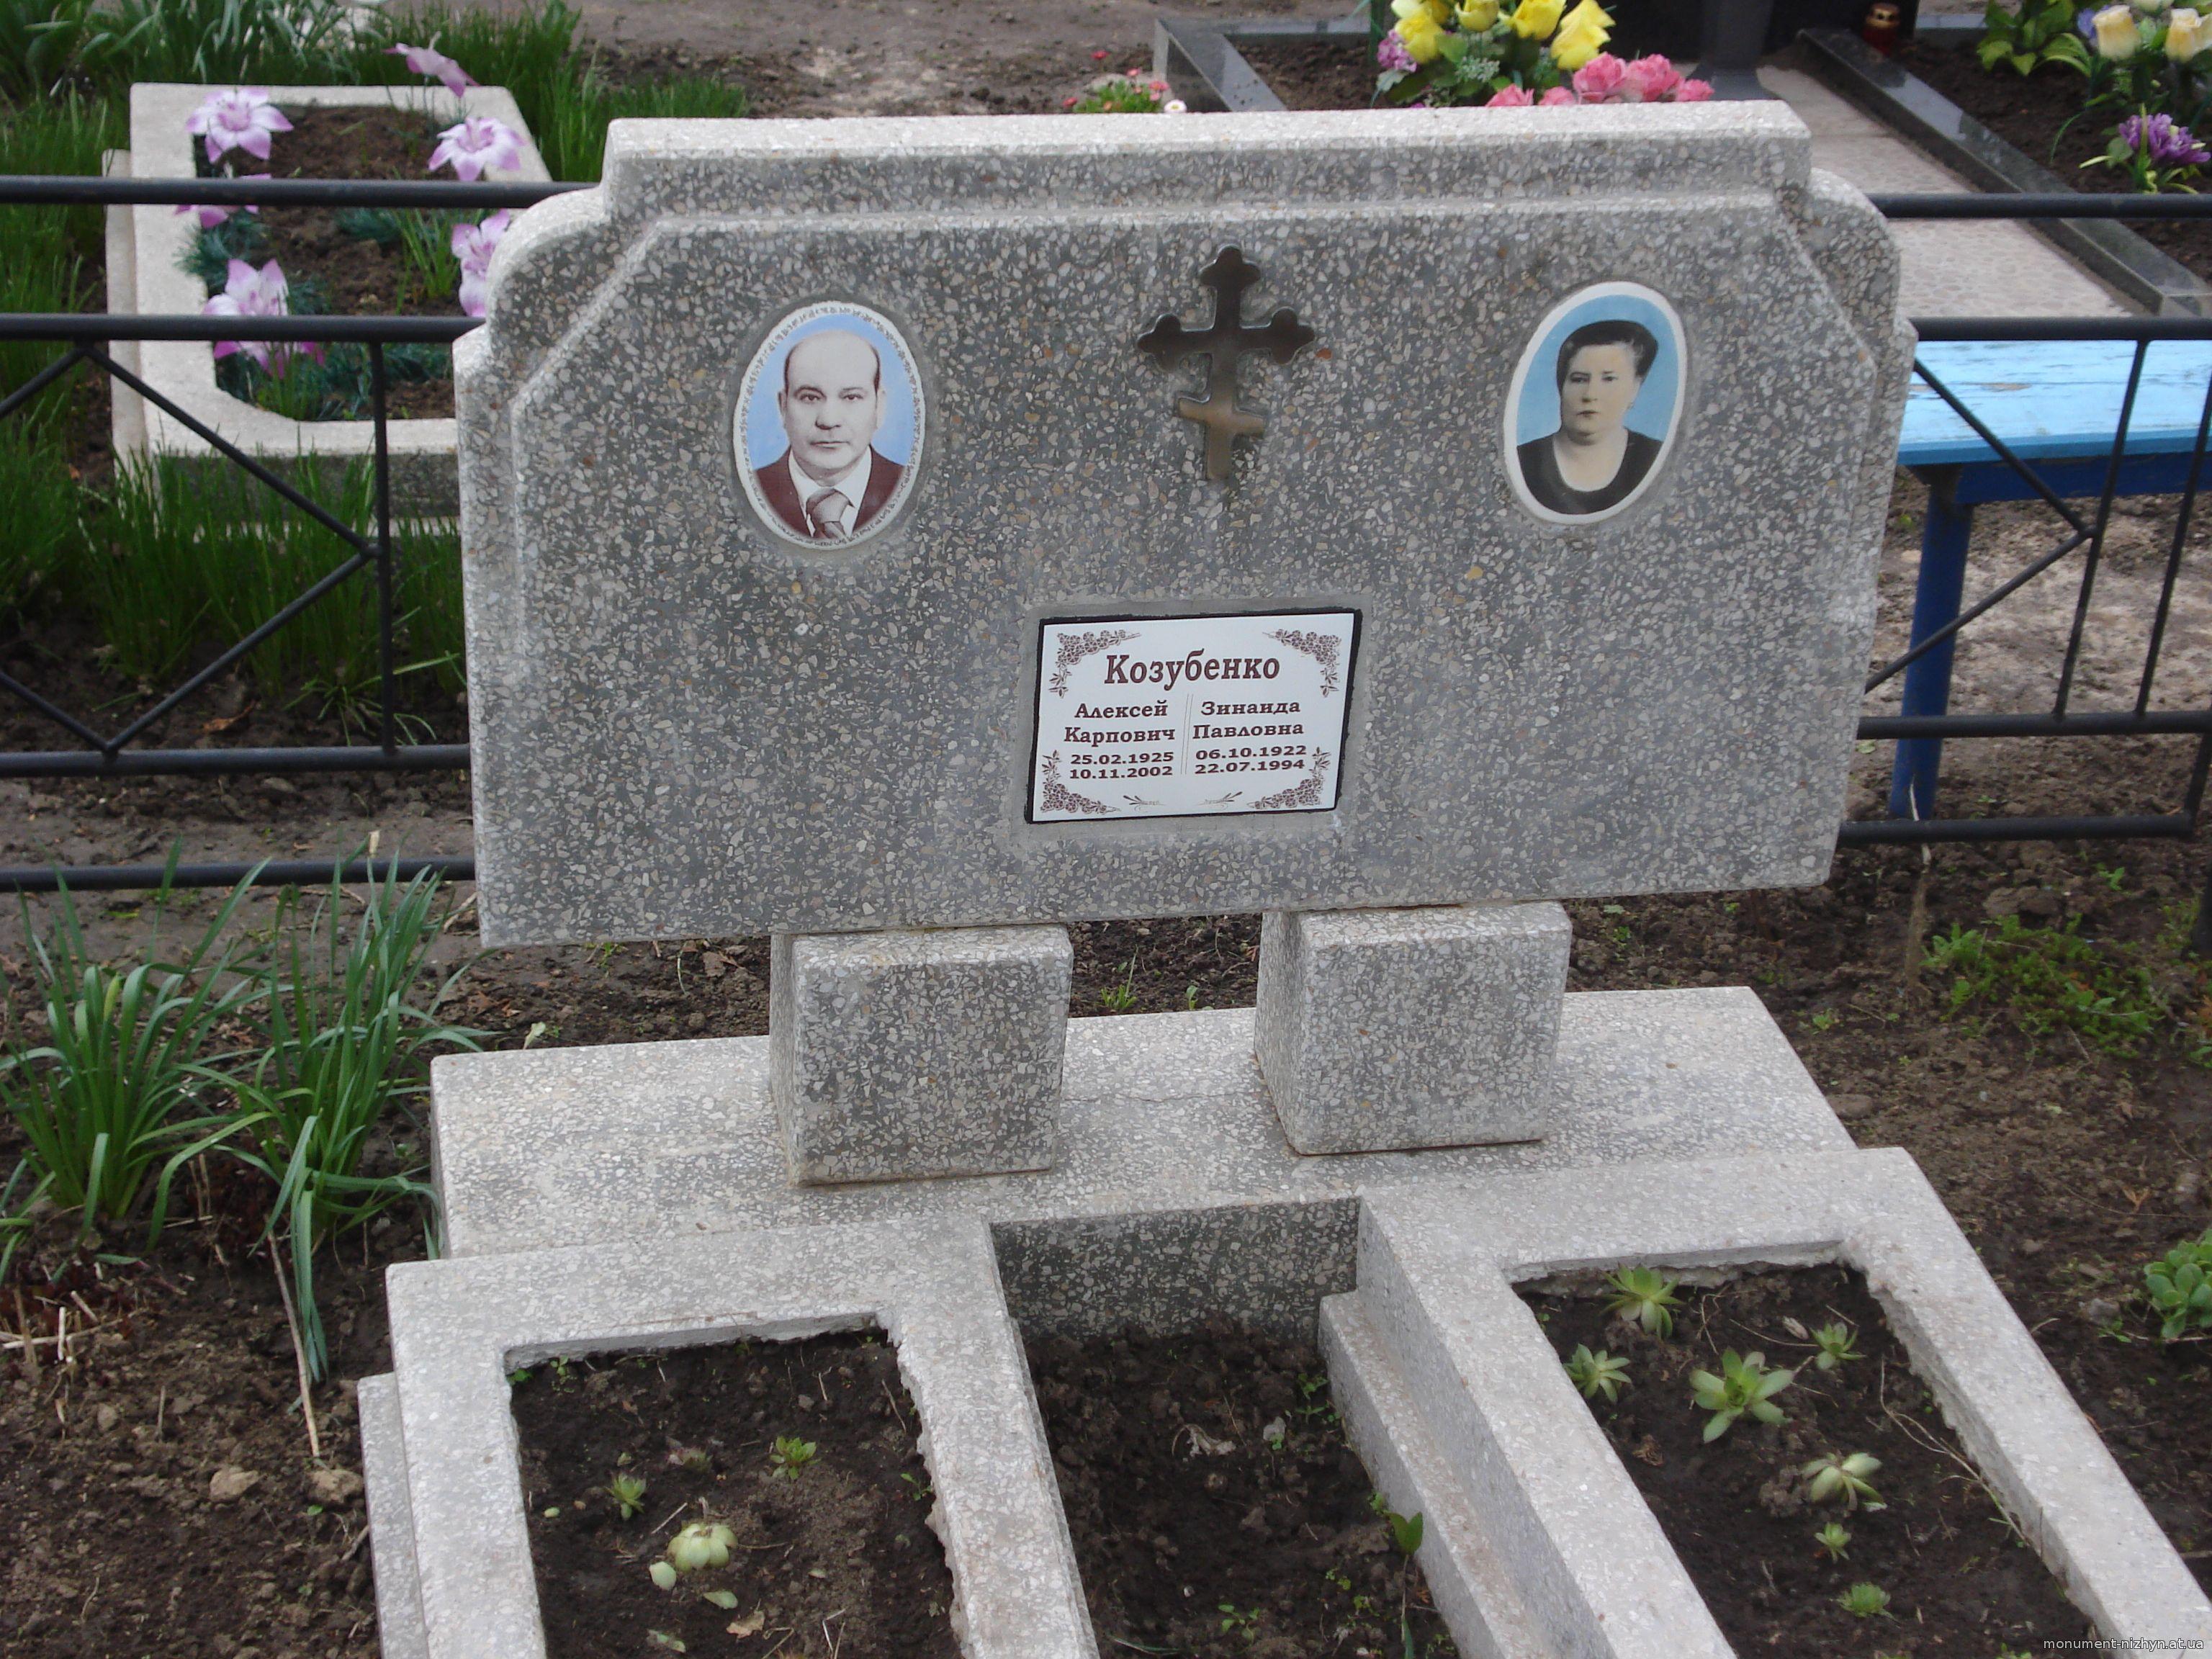 Надгробные памятники купить у них квартиру памятников на могилу цена рязань установка